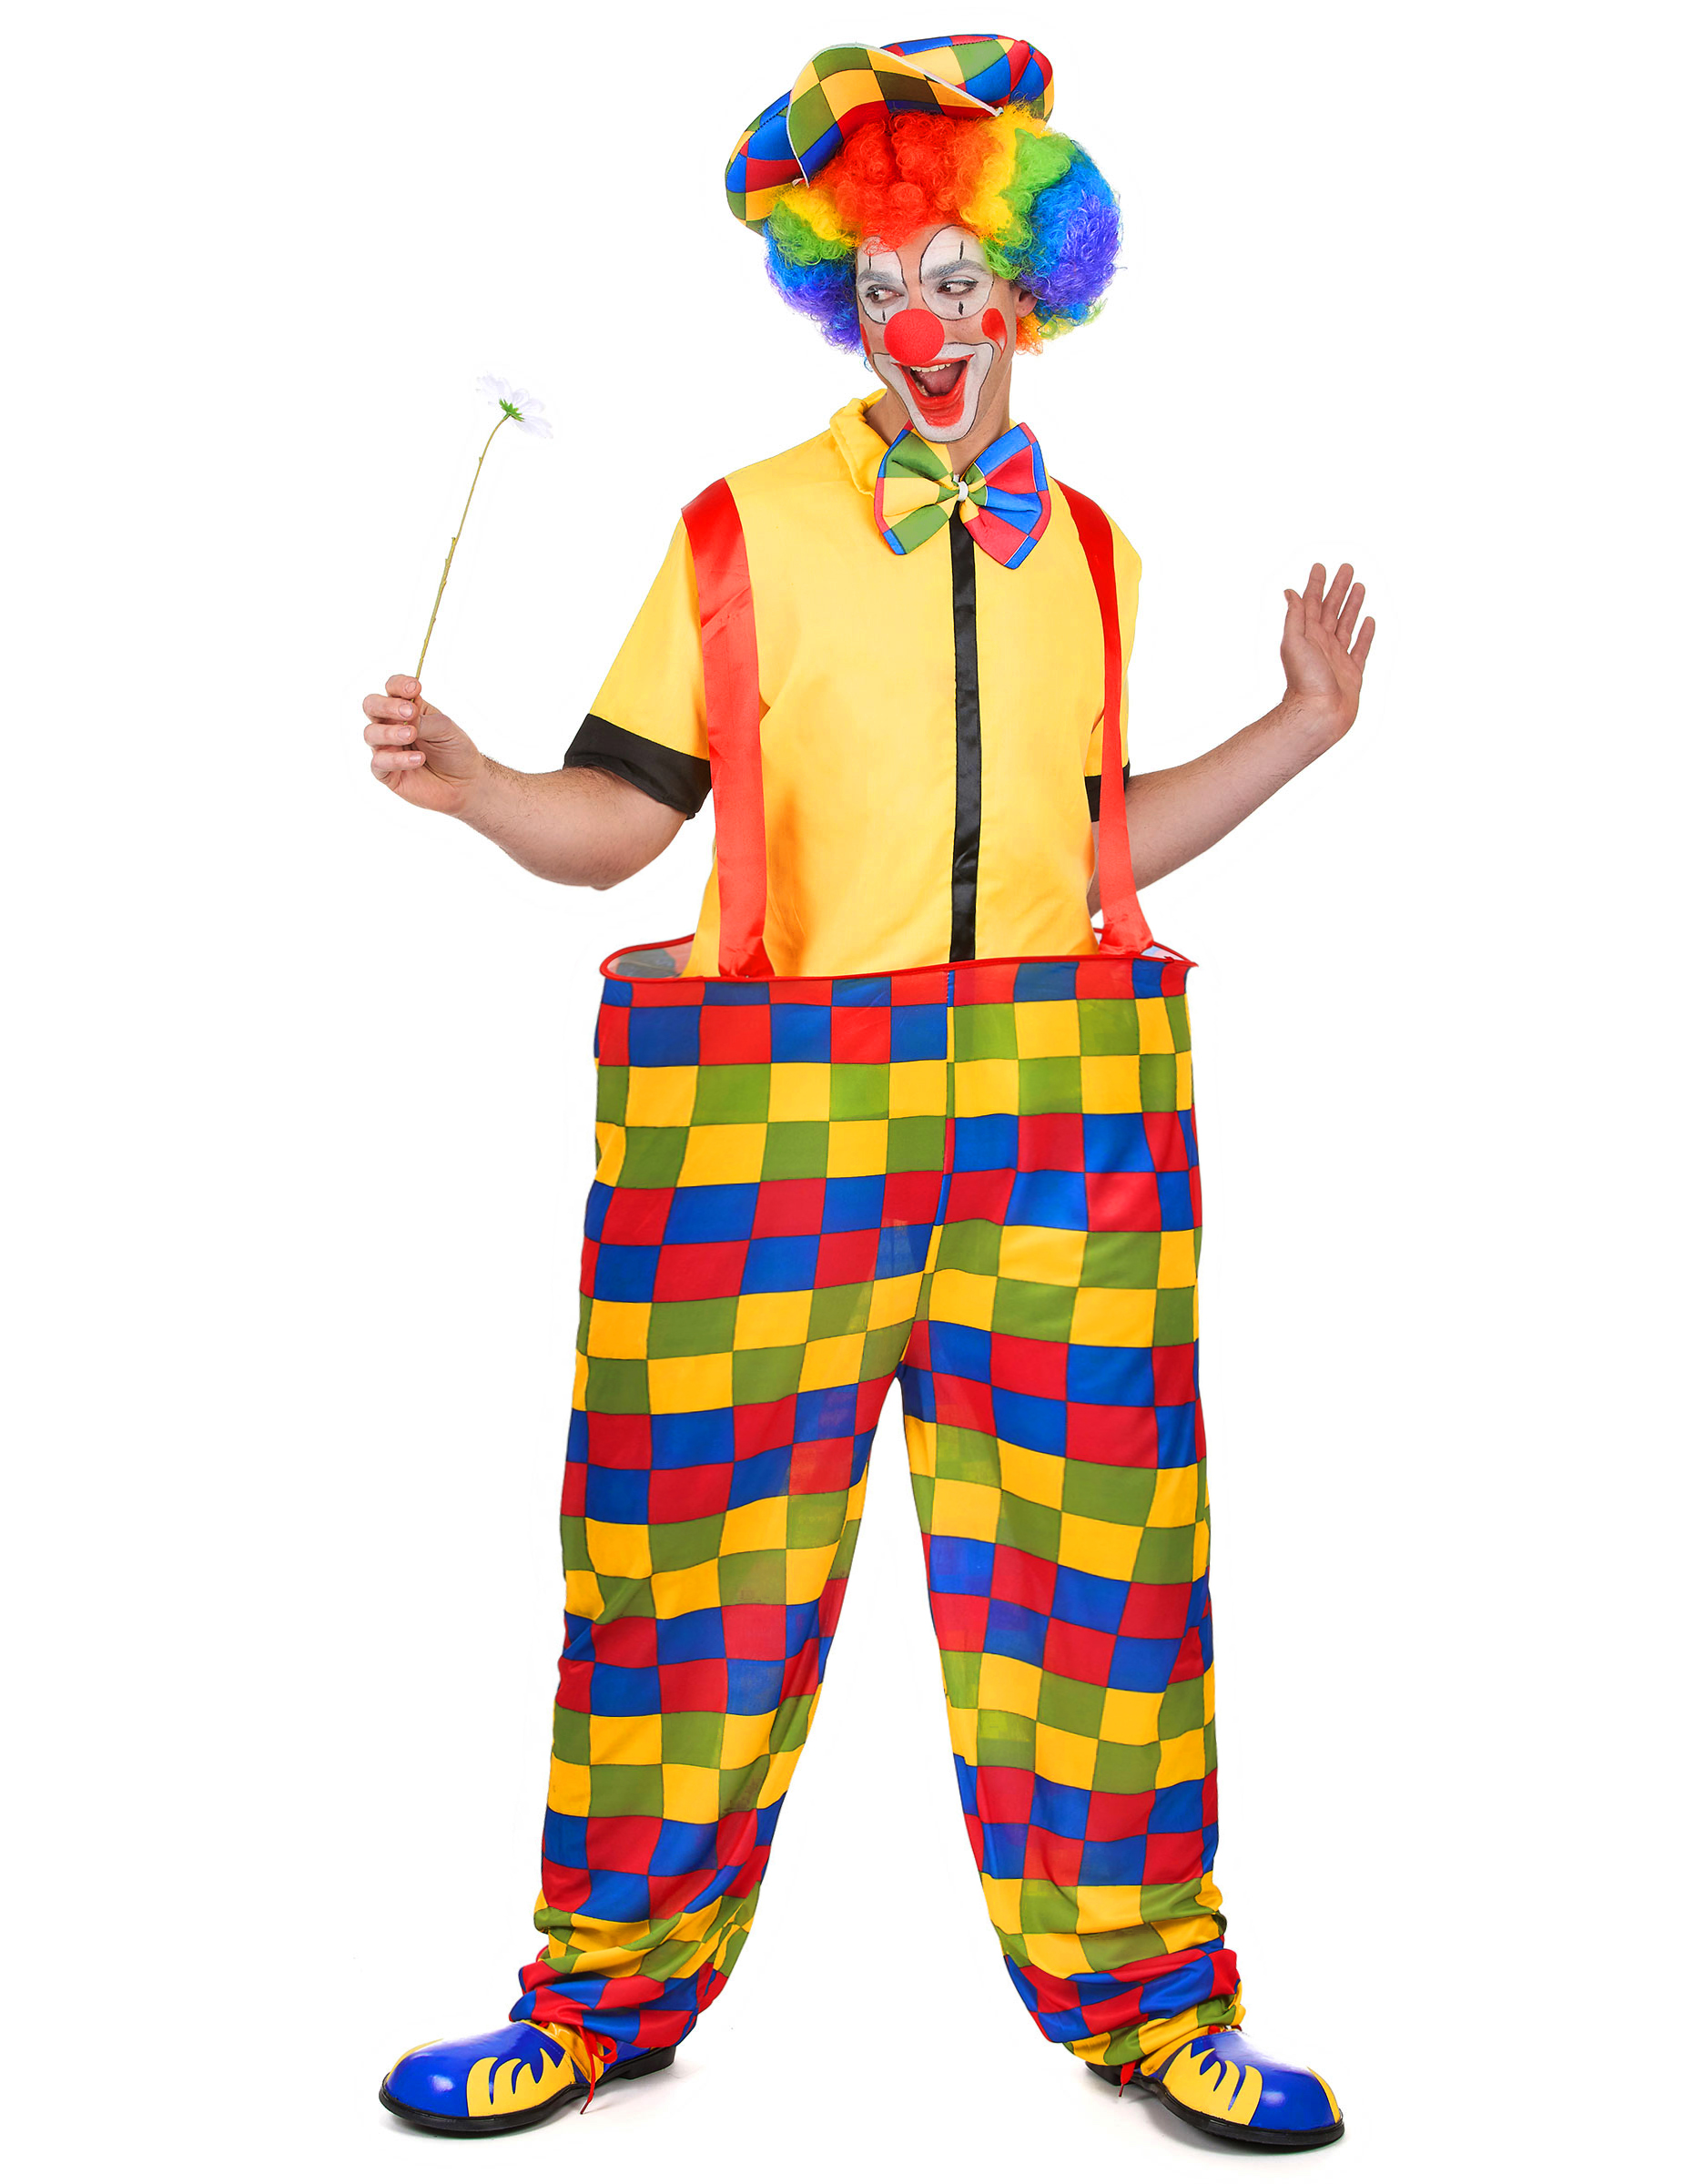 bc8050a85b8f Costume da clown uomo multicolore: Costumi adulti,e vestiti di ...